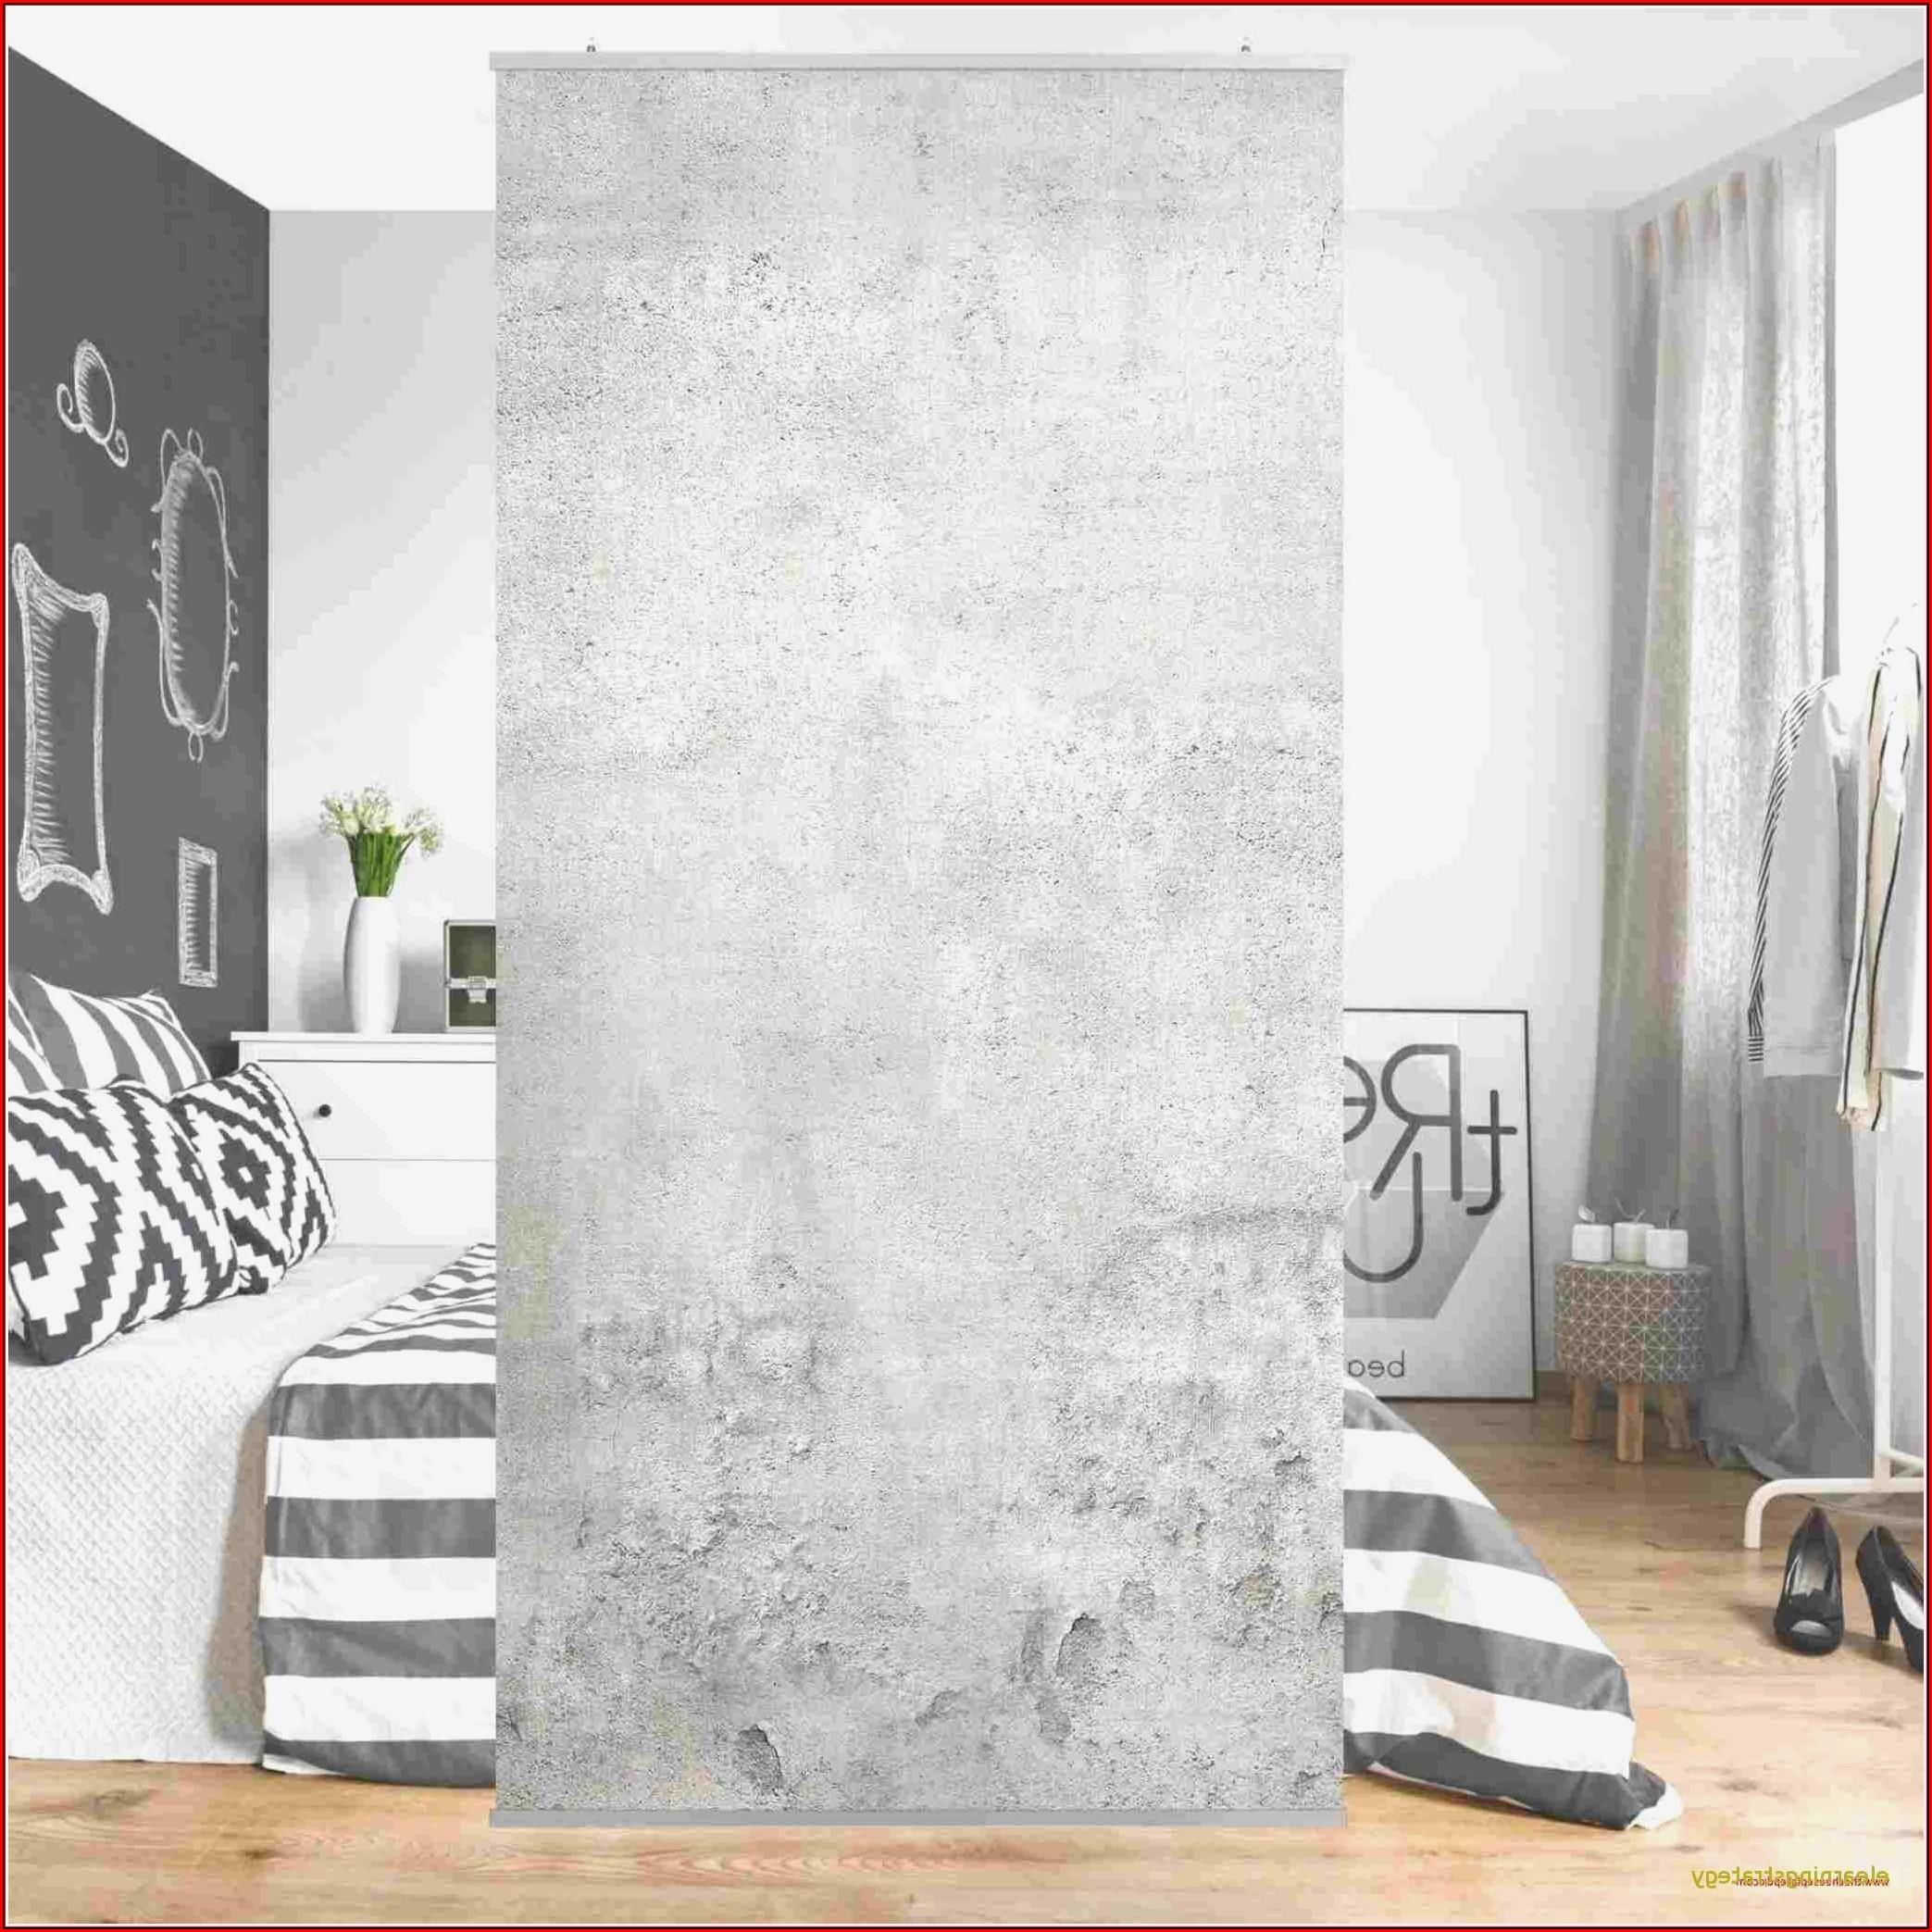 Schlafzimmer Ideen Für Grosse Räume - schlafzimmer : House ...